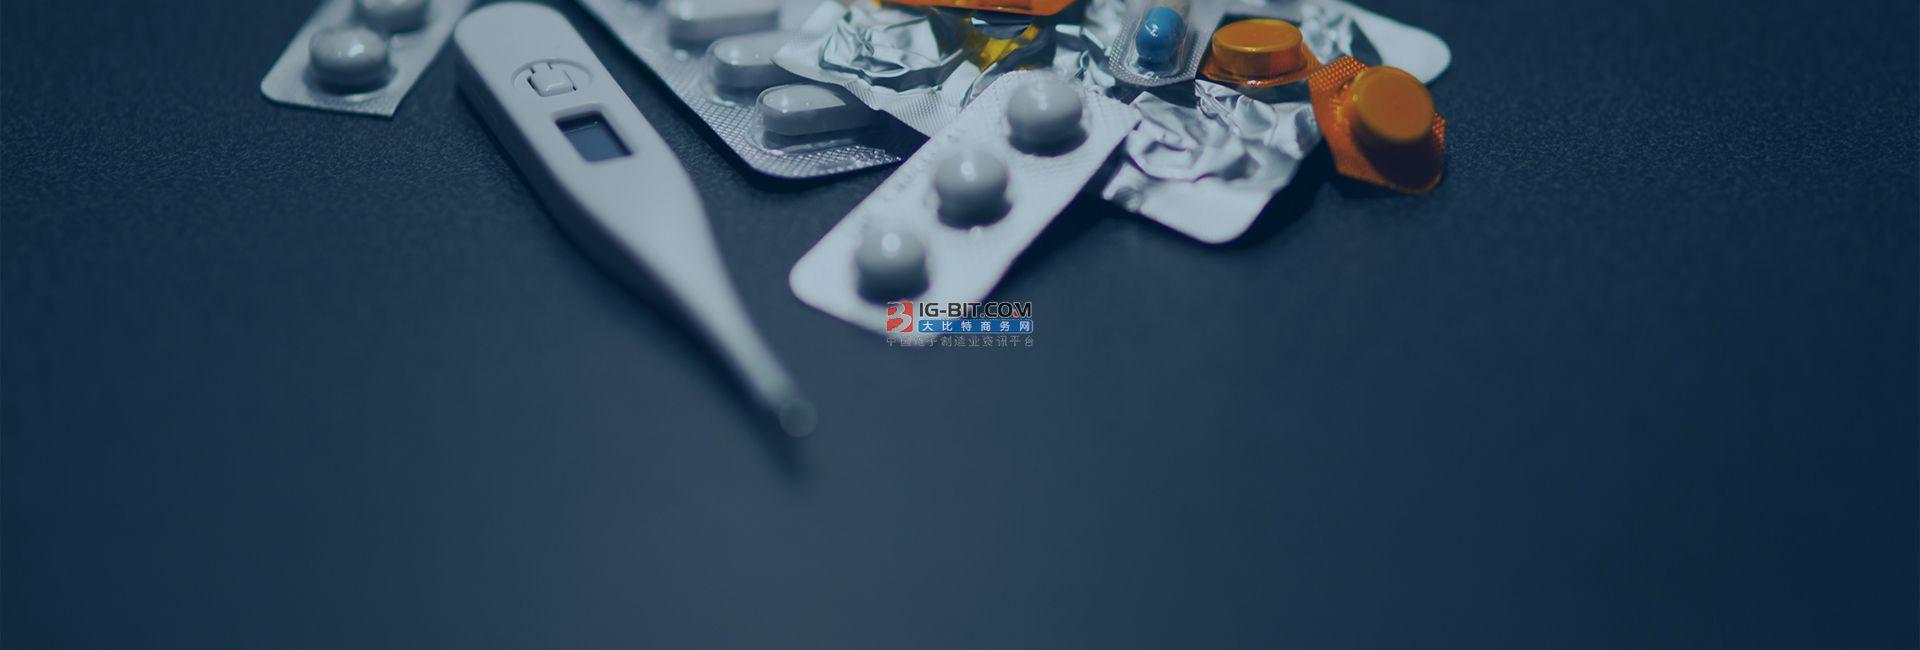 中日友好医院医务处处长卢清君:5G确定性网络加速智慧医疗蓬勃发展